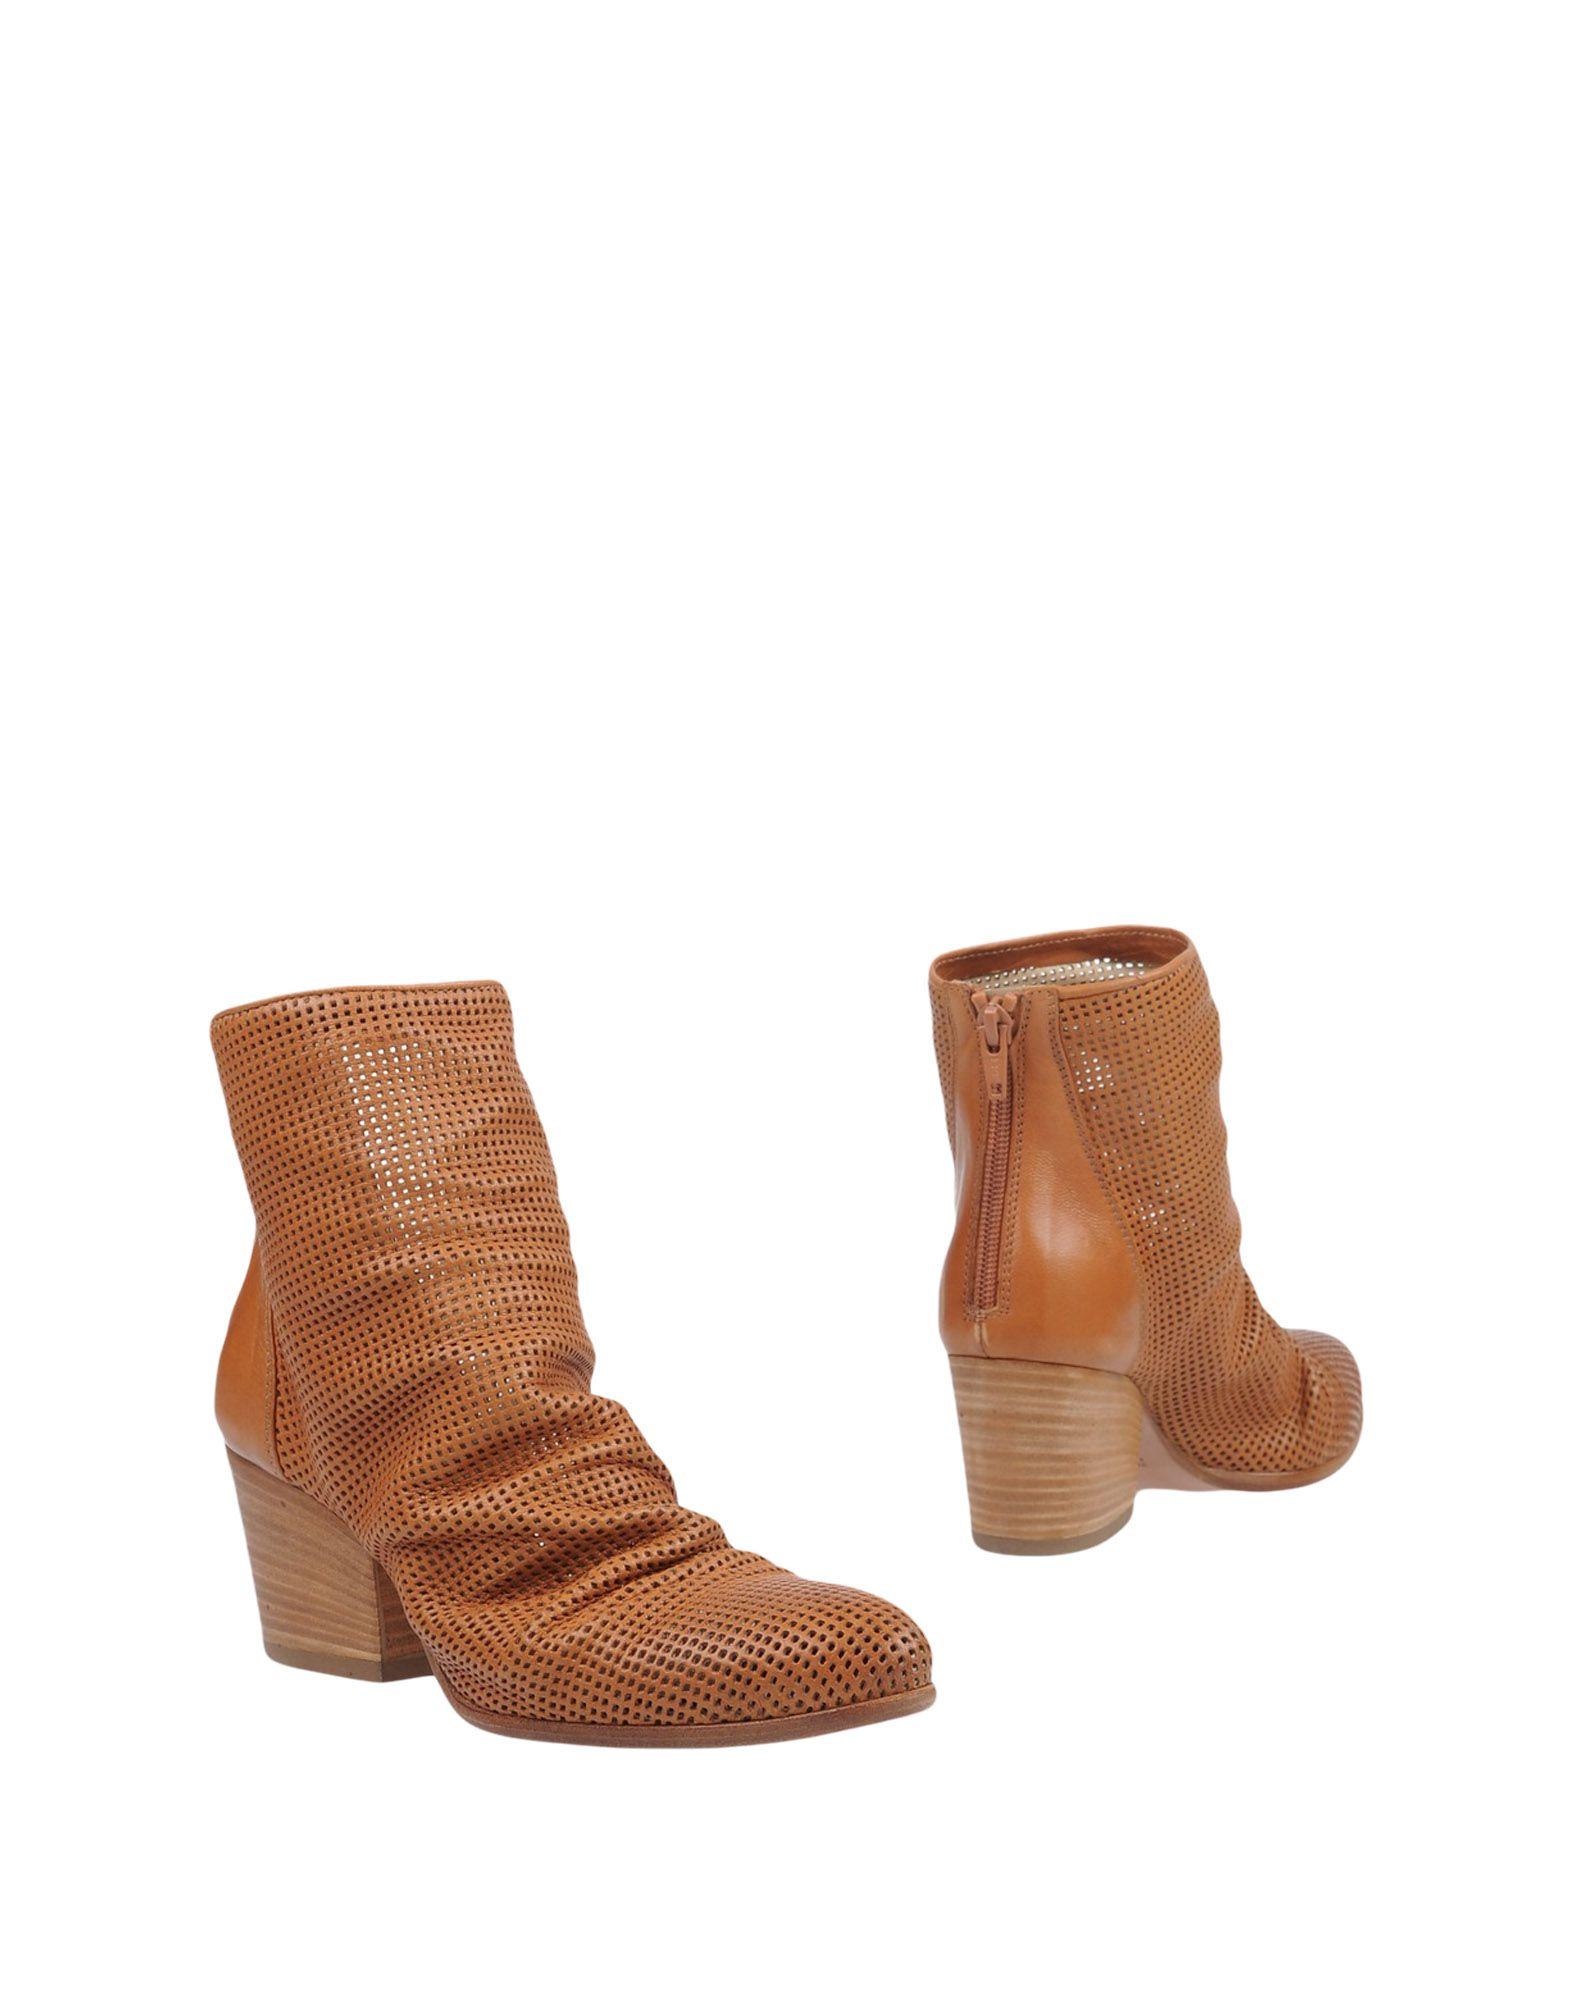 Fiorifrancesi Stiefelette Damen  11356270KP Gute Qualität beliebte Schuhe